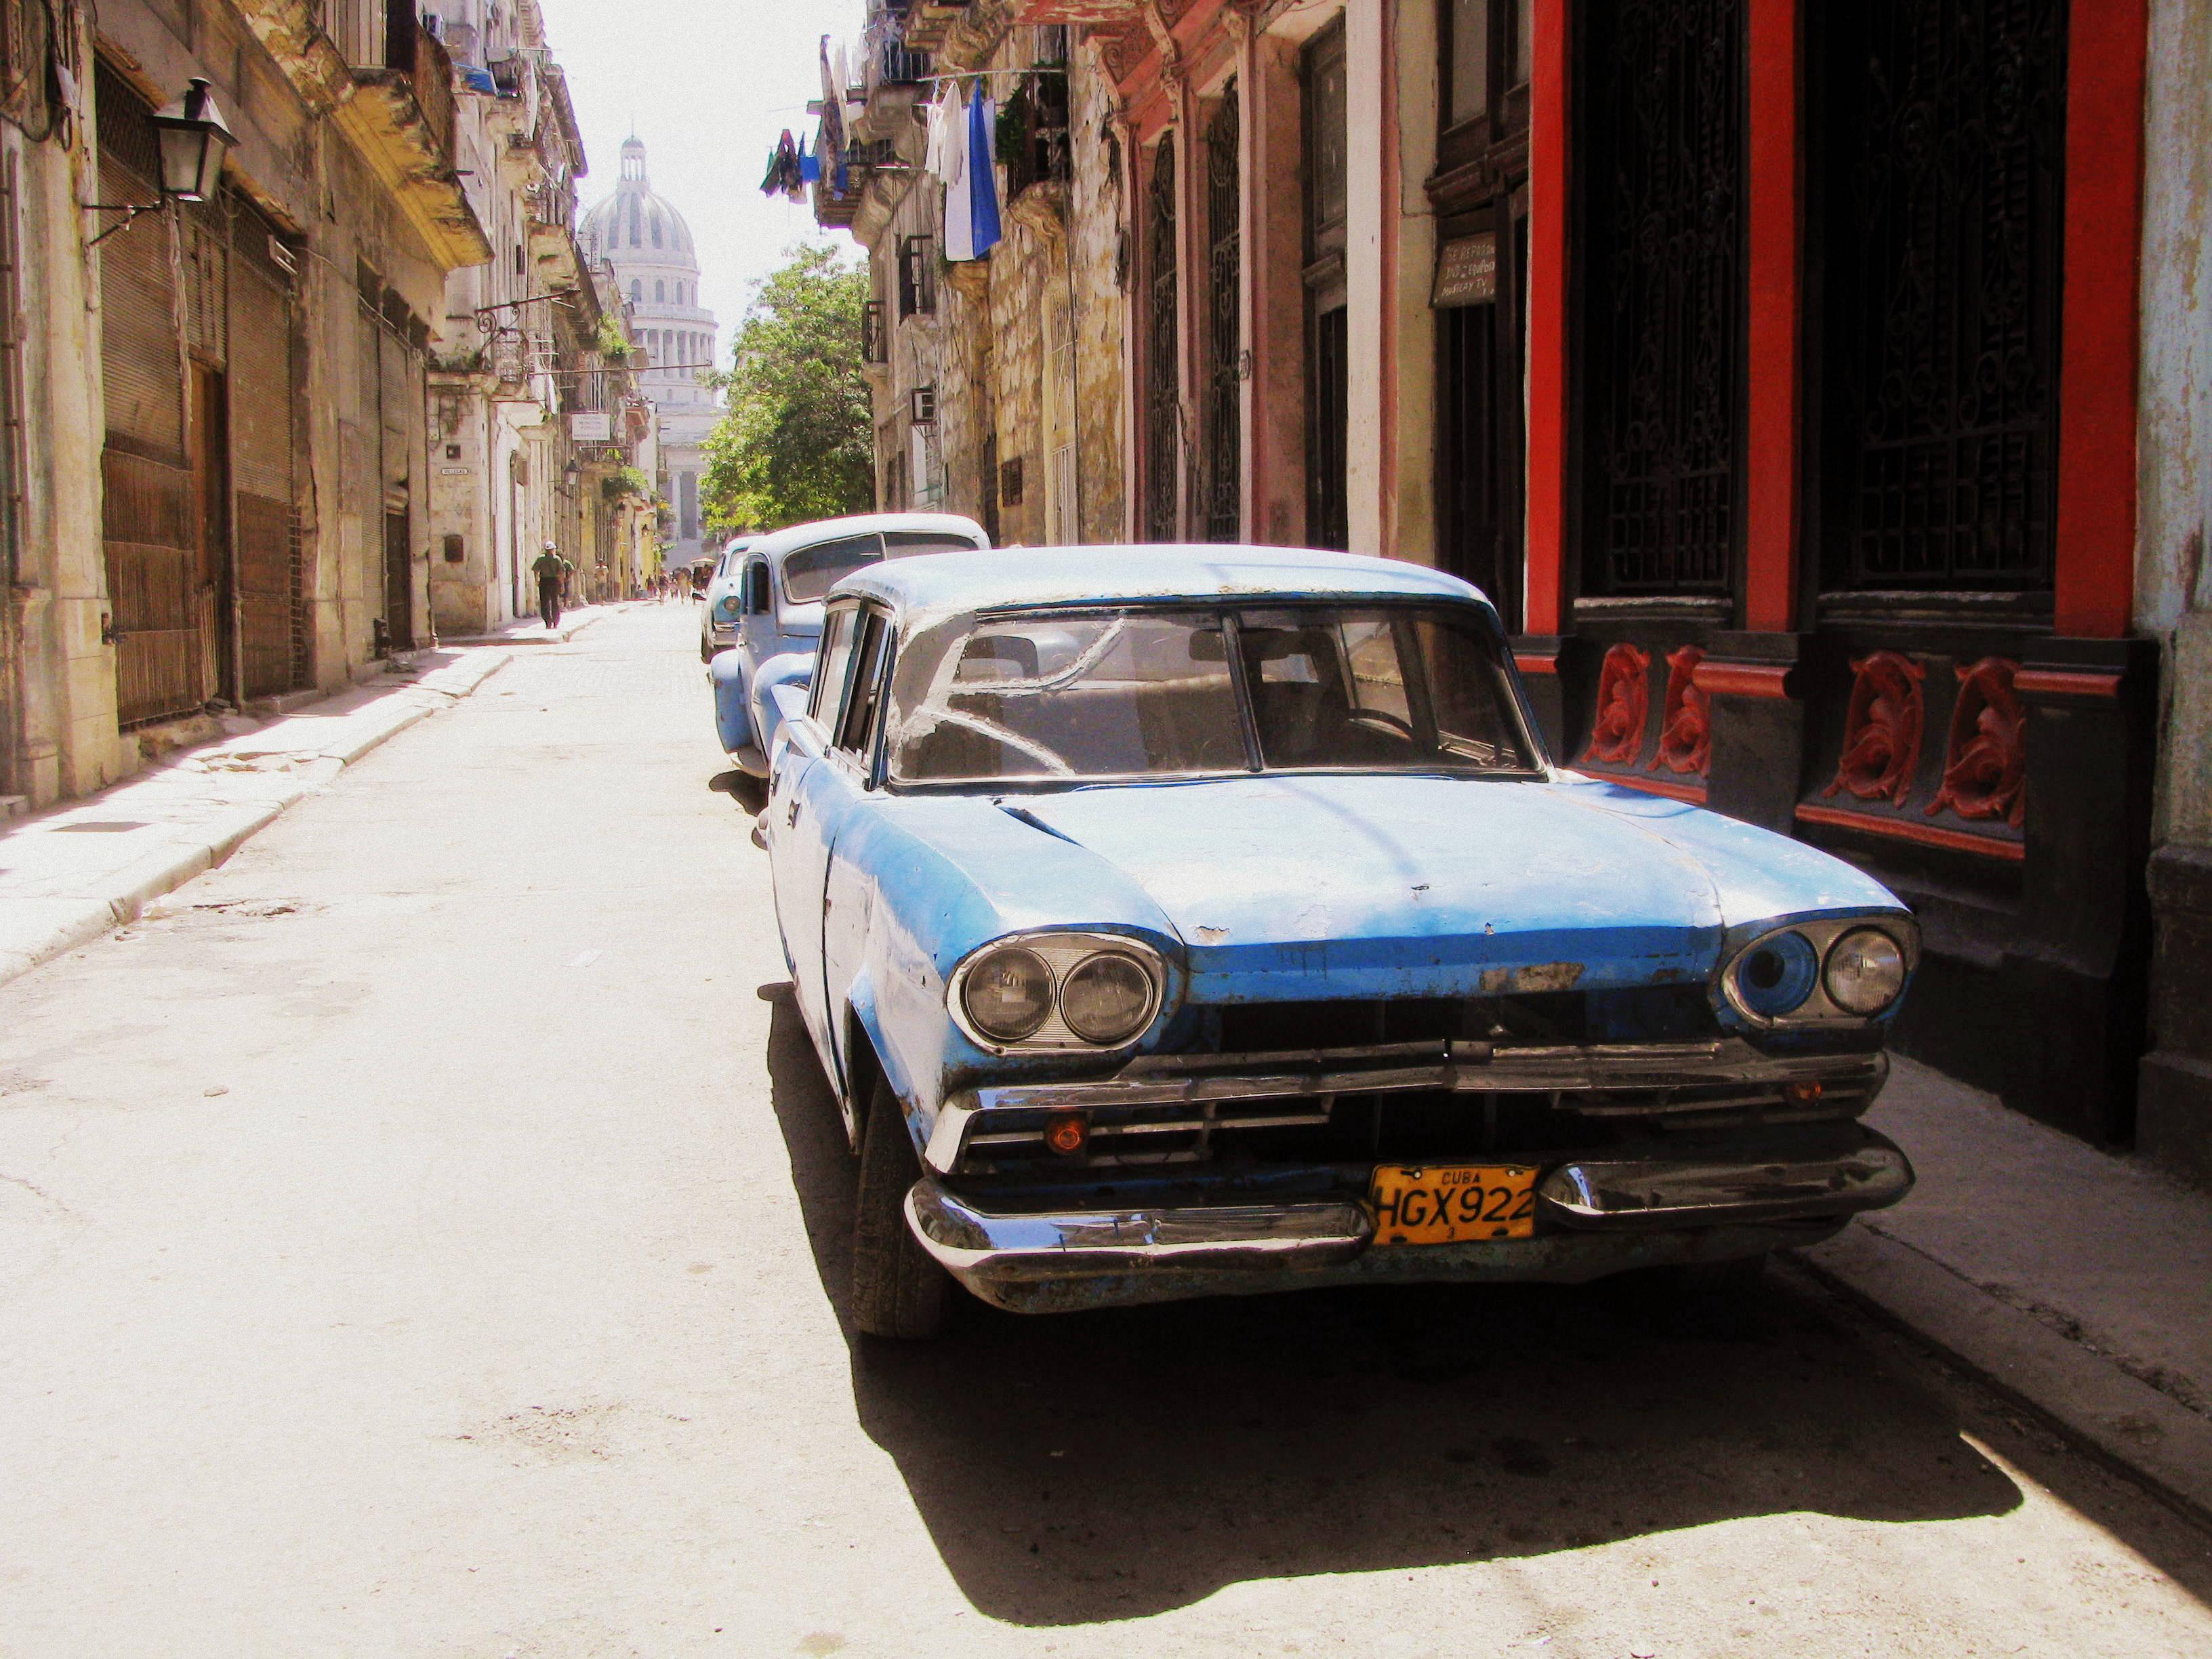 Museo de Carros Clásicos en las calles de la Habana.